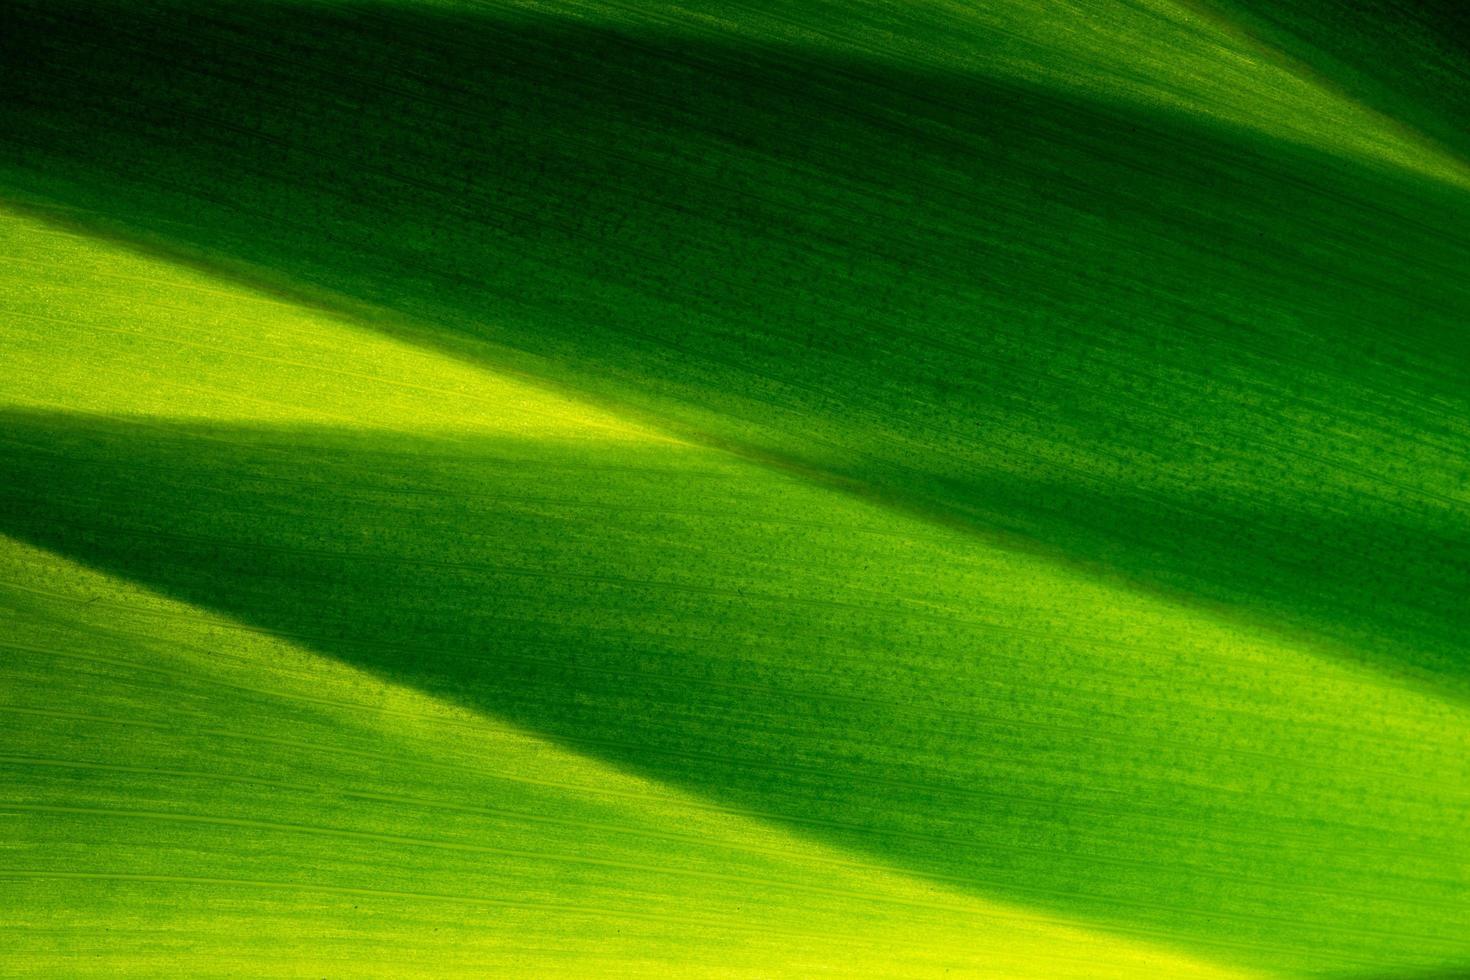 groen bladpatroon foto